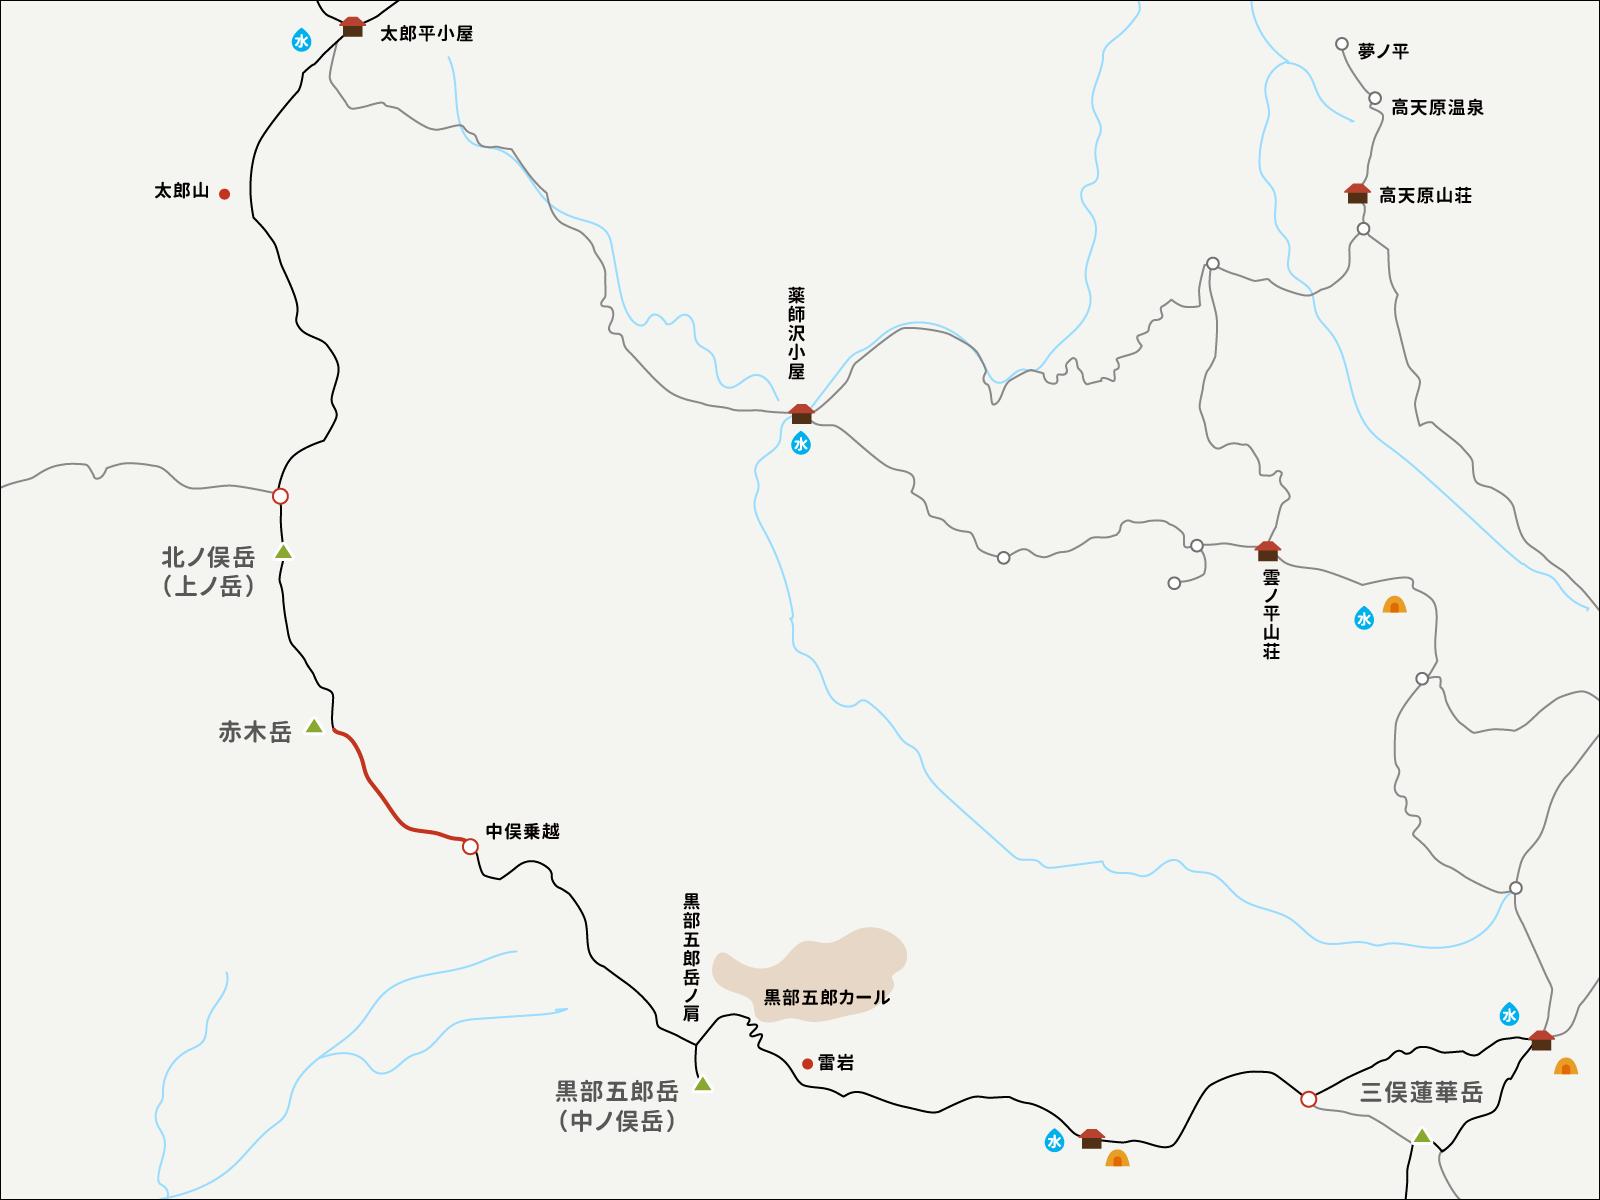 赤木岳から中俣乗越までのイラストマップ